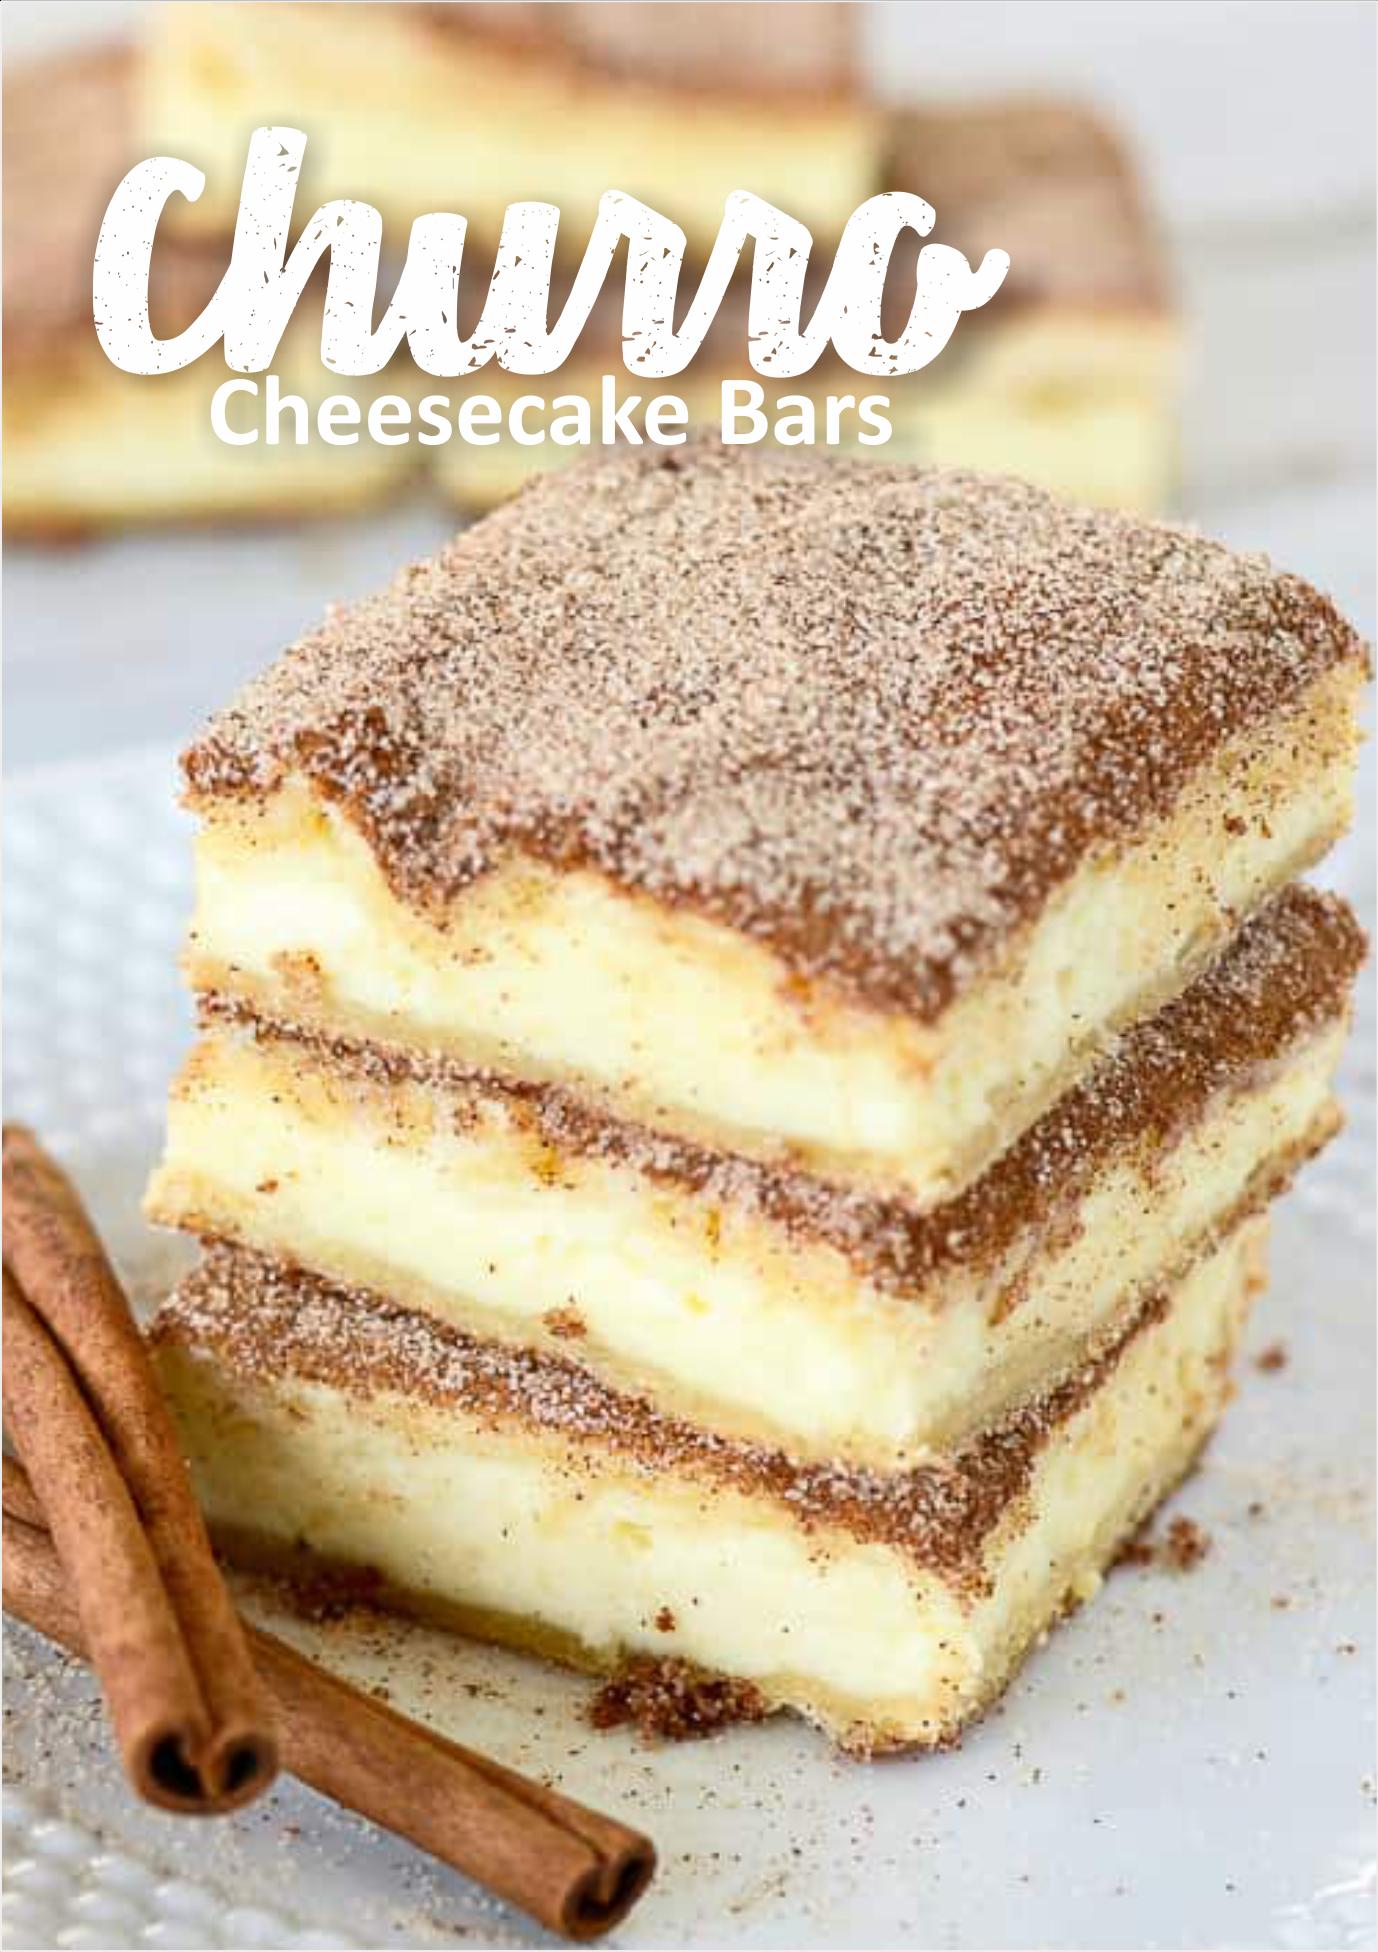 Churro Cheesecake Bars Recipes #churrocheesecake